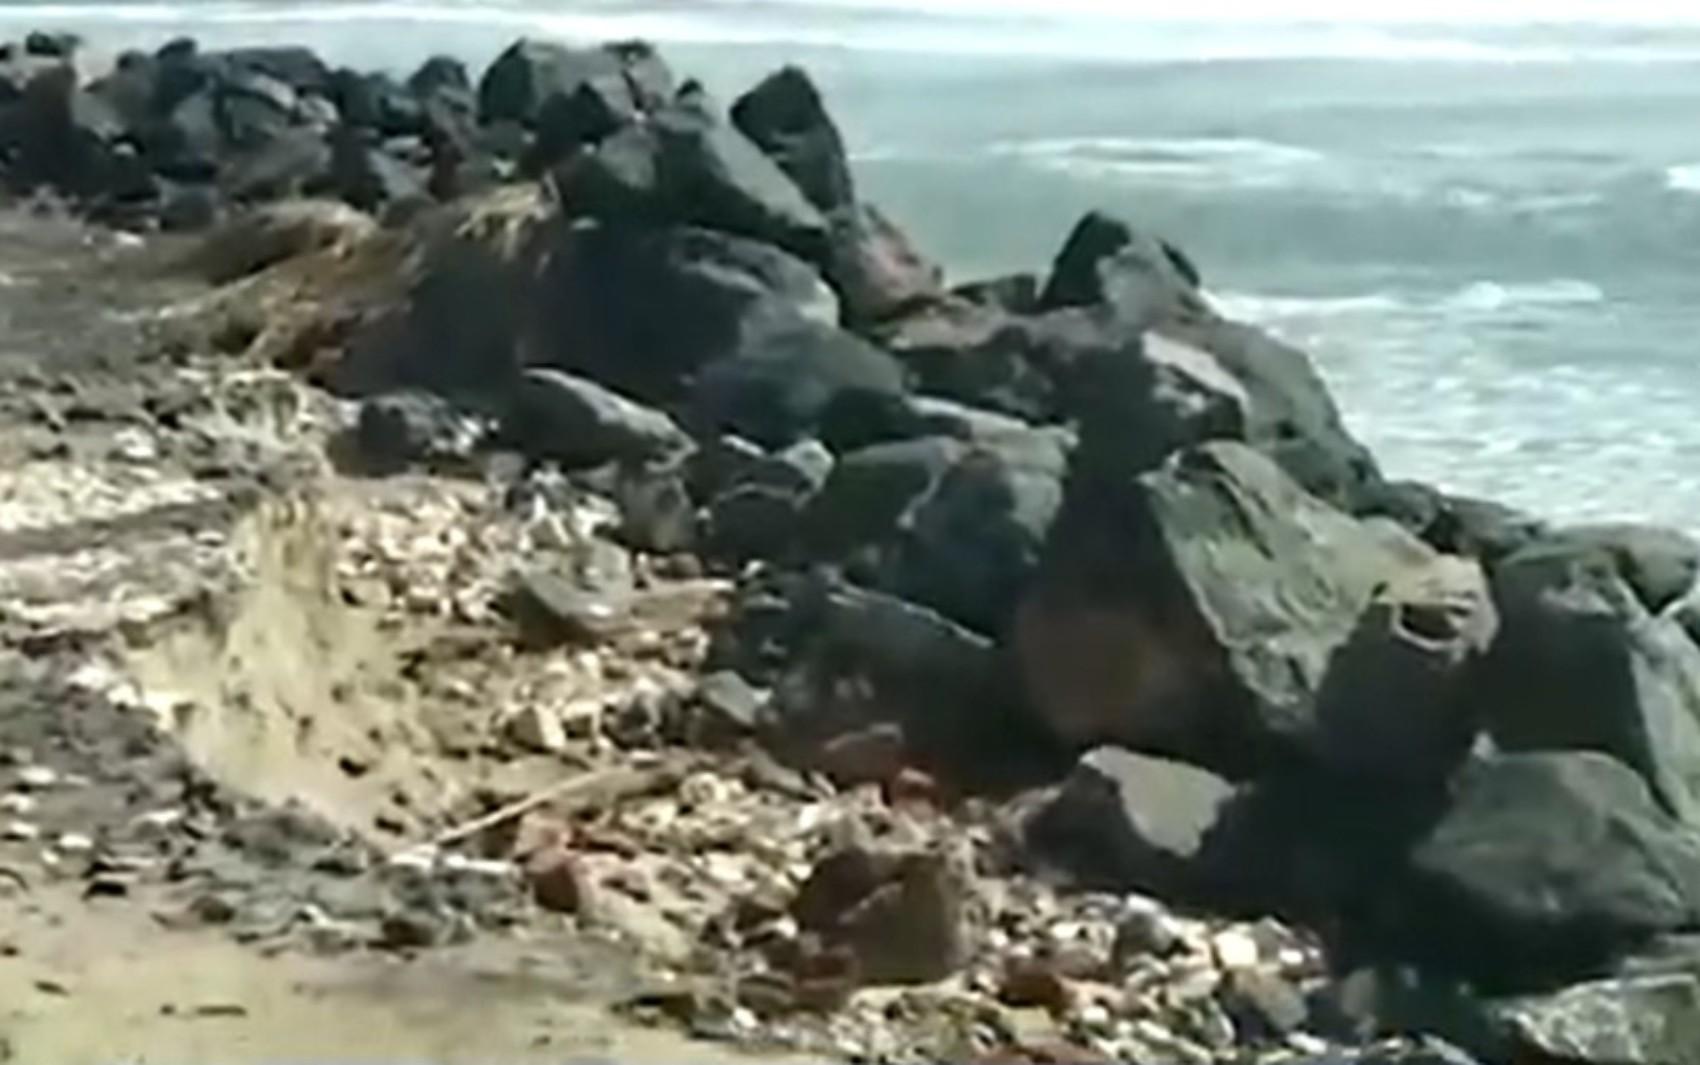 VÍDEO: Moradora registra cratera em calçada de praia de Ilhéus, no sul da Bahia